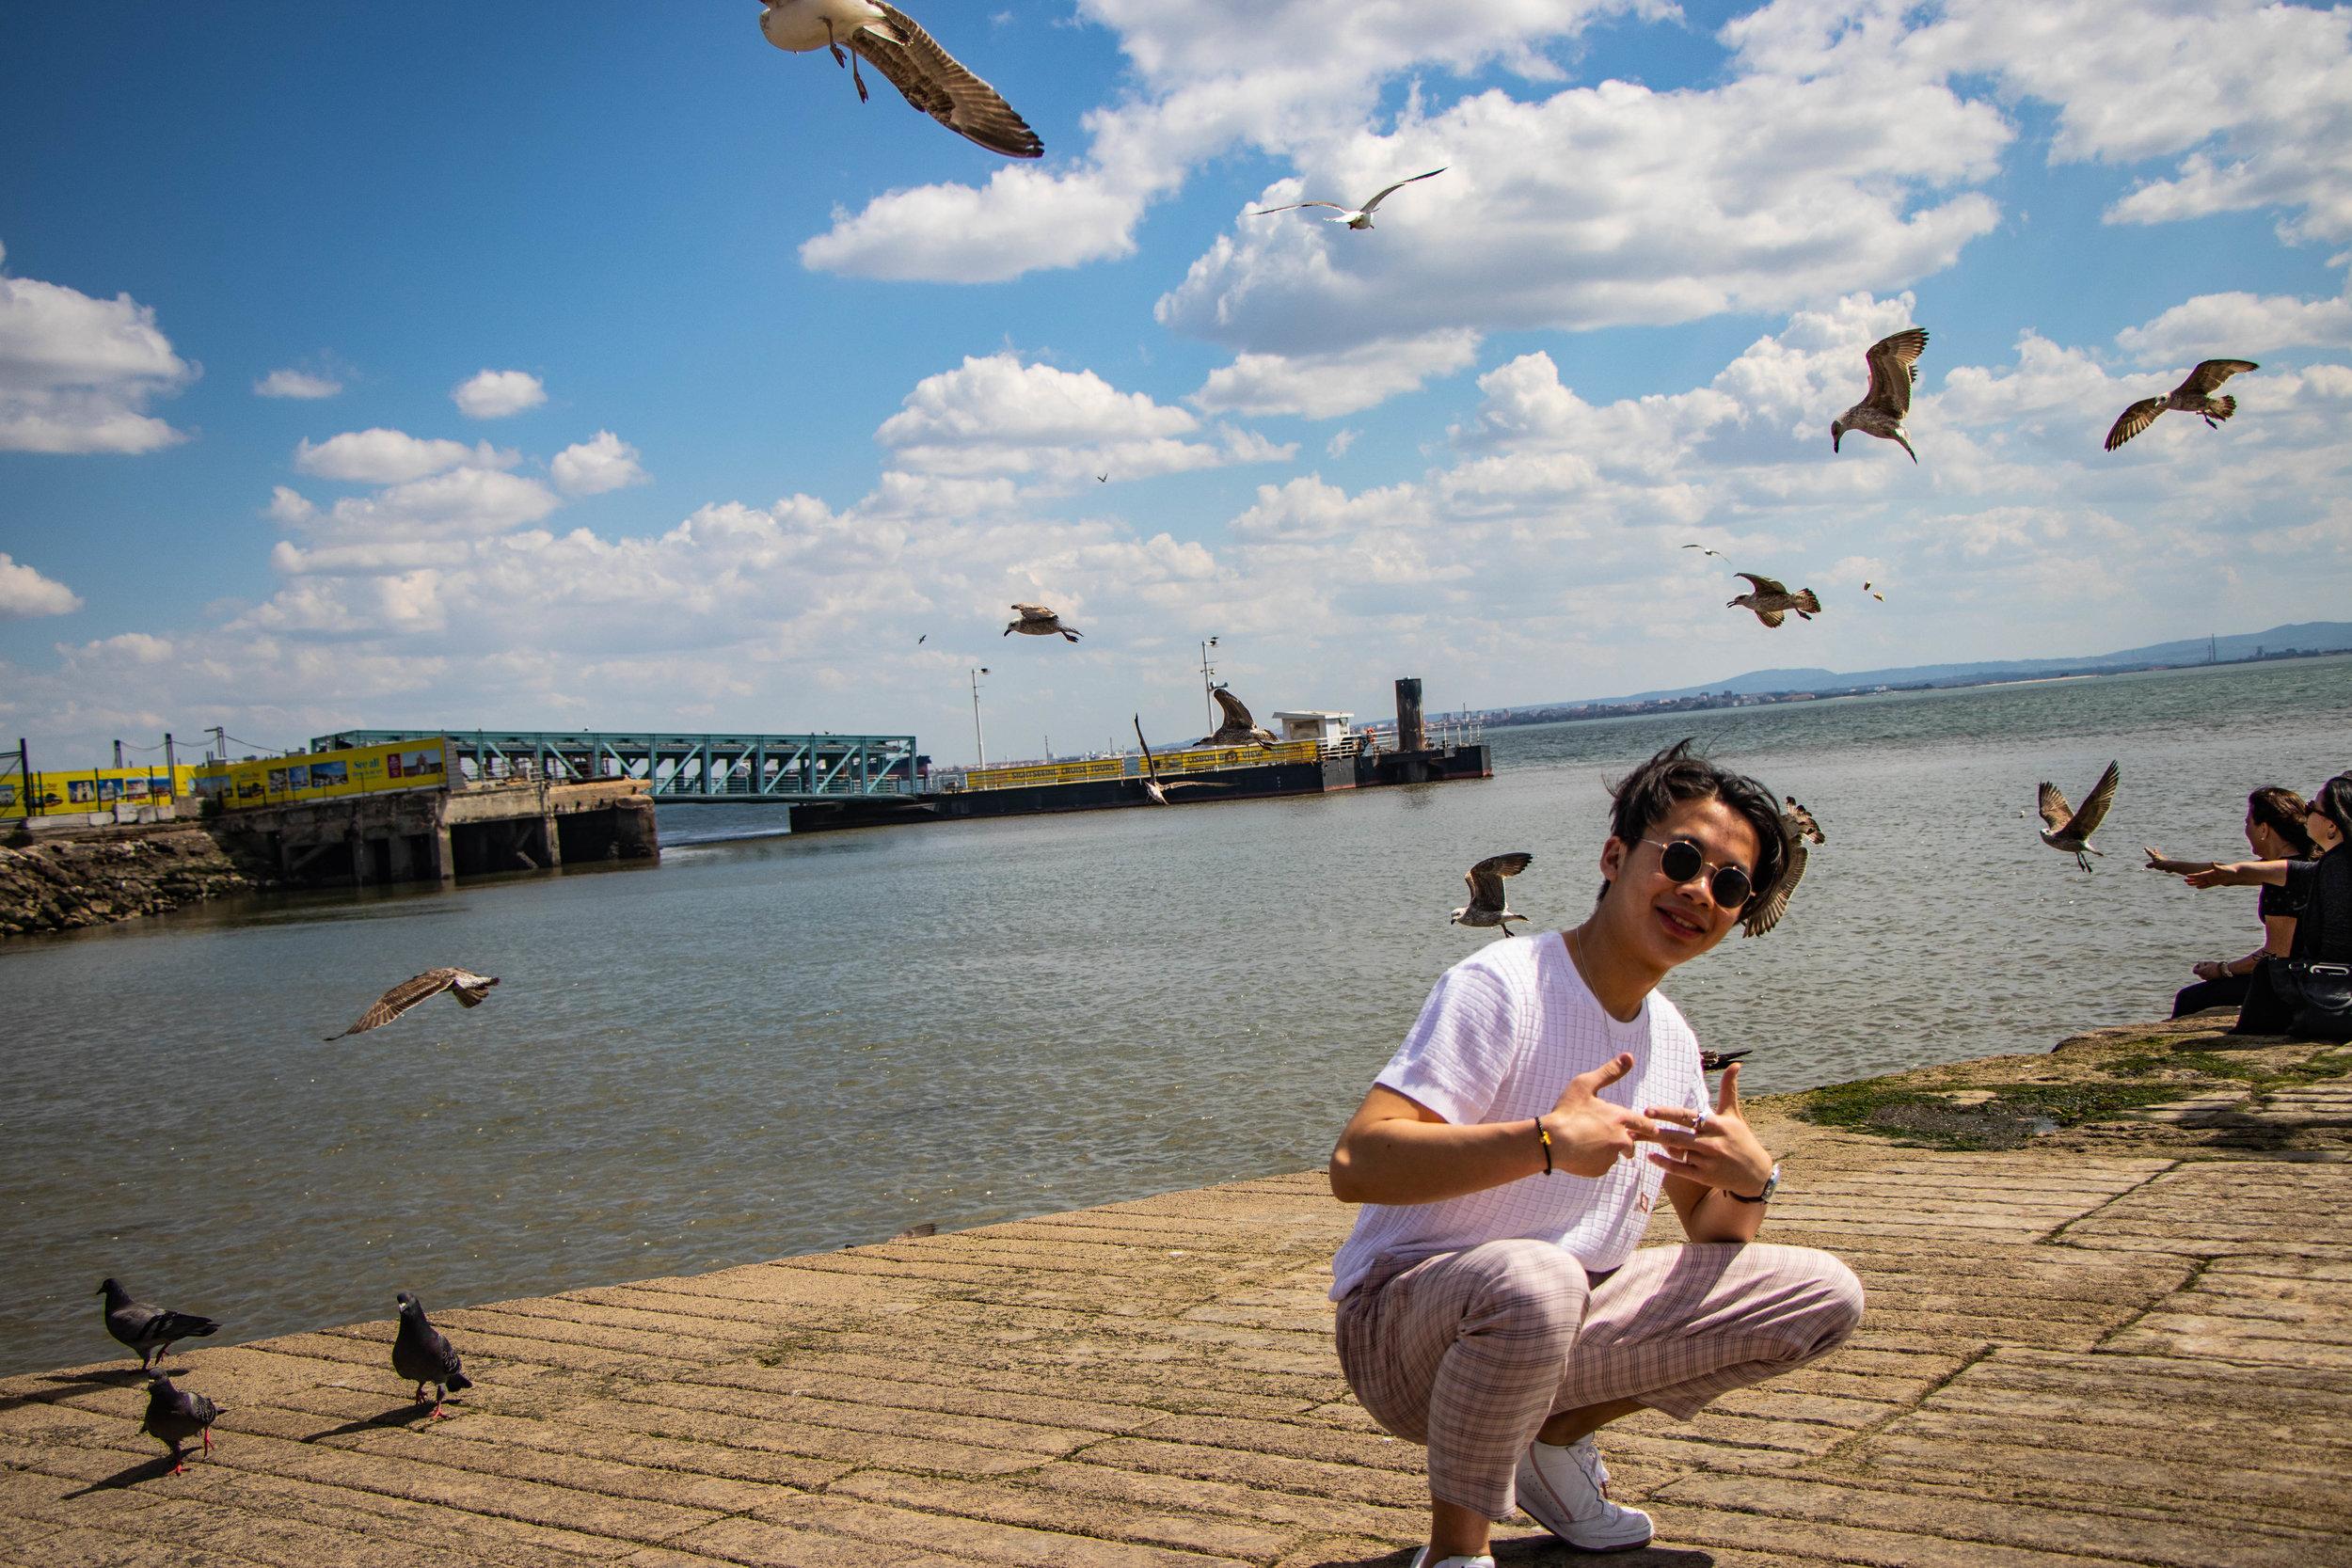 On Gull  Nick Wong